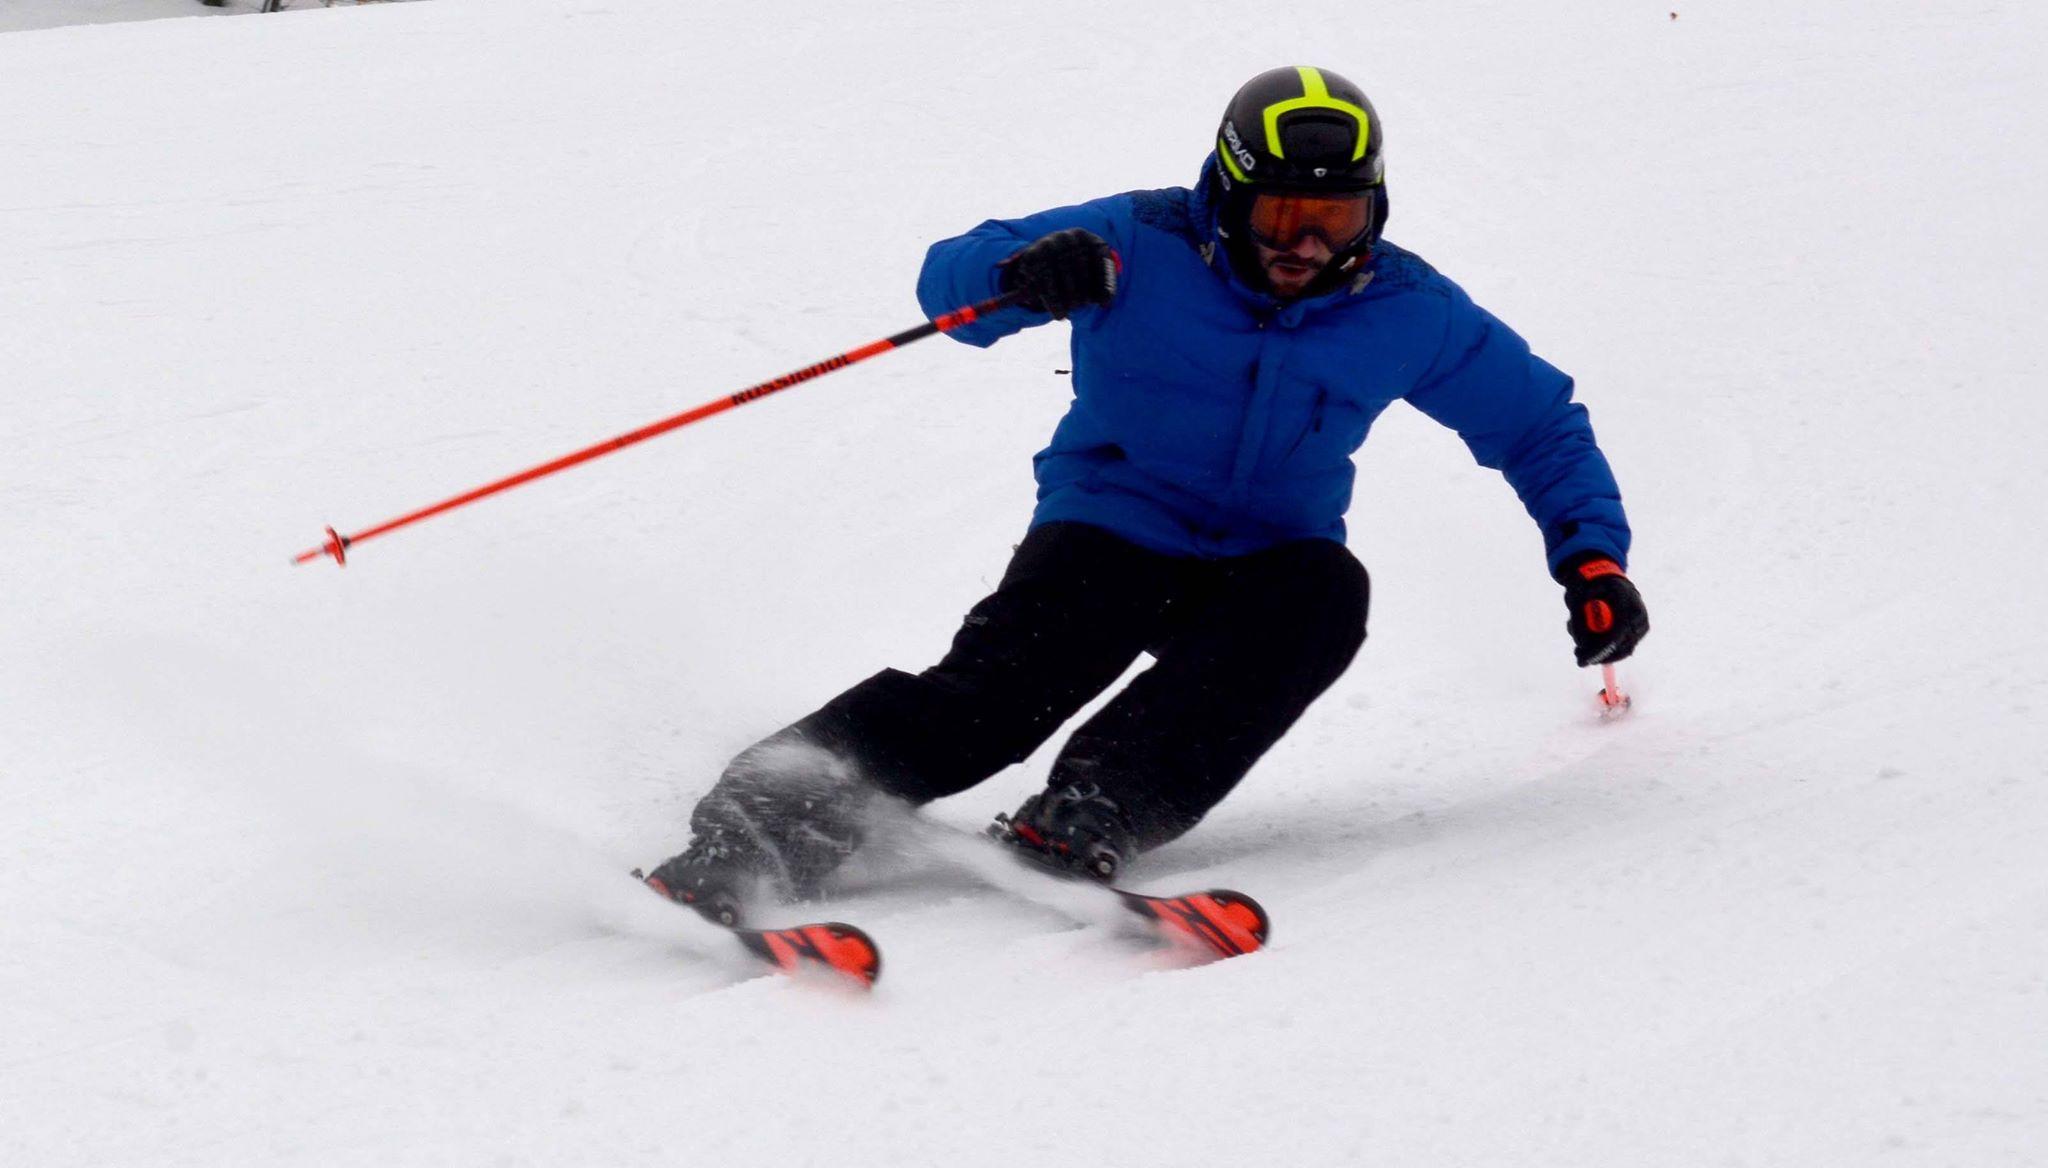 La naissance d'un skieur | À l'aube du succès; un rêve irréel